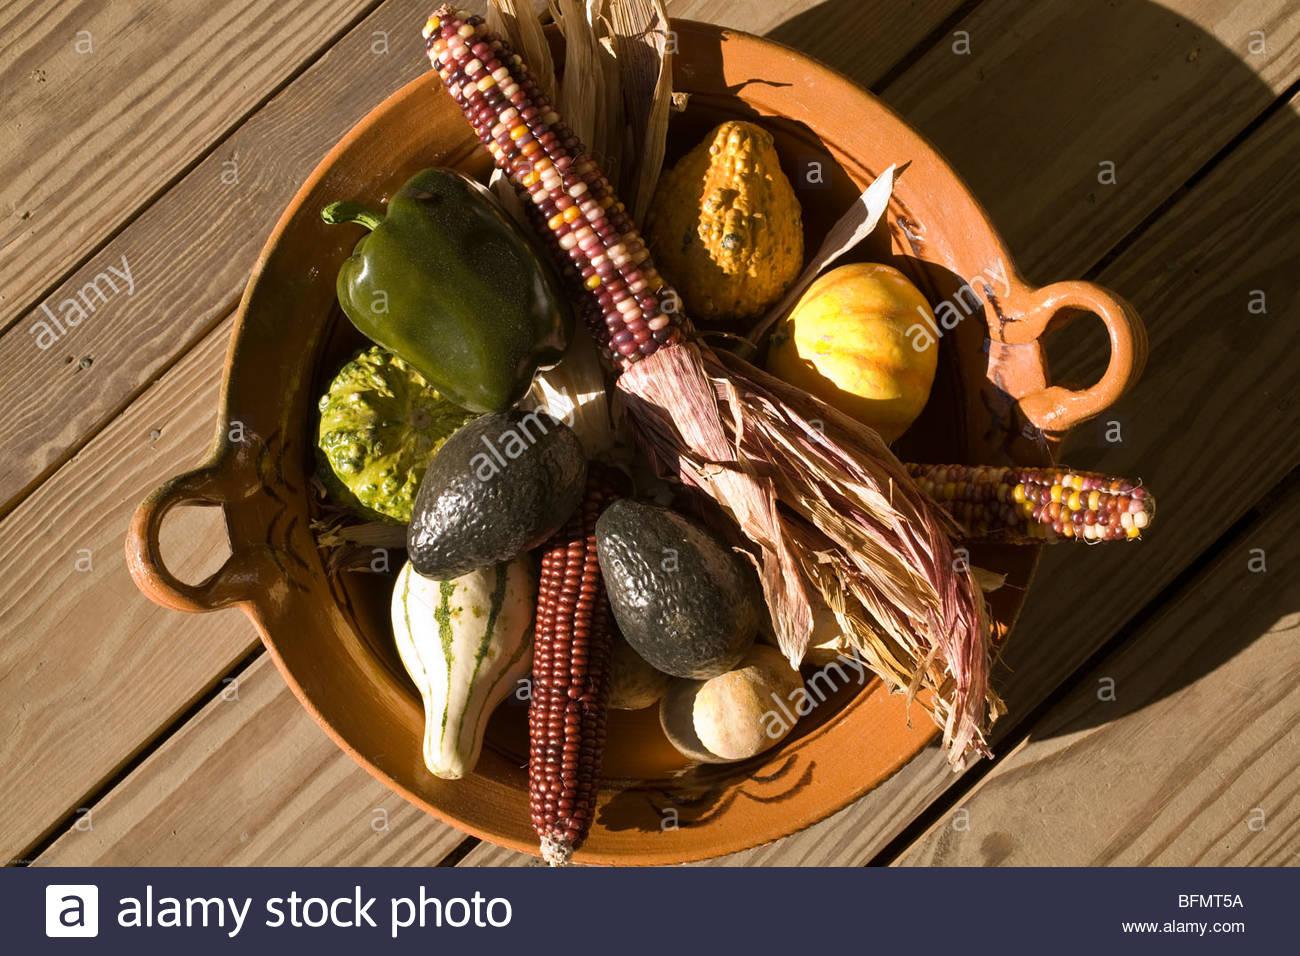 La vie toujours du maïs, les gourdes, les avocats, et le poivron dans le bol en céramique. Photo Stock